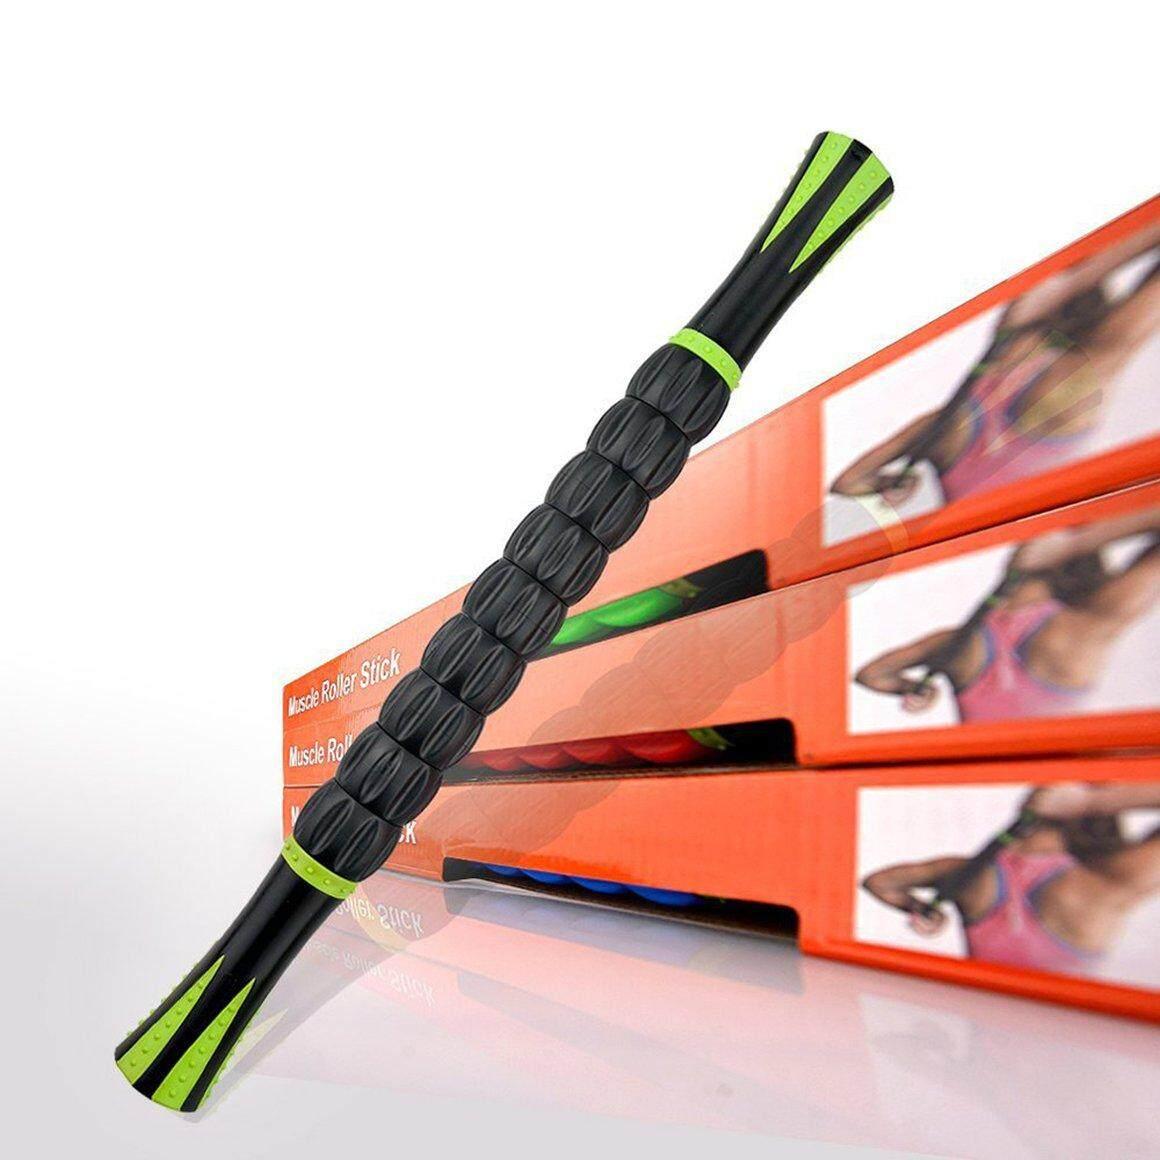 Bảng giá WOND Máy Massage Gear Massage Cơ Dính Sâu Cơ 3D Lăn Cơ Dính